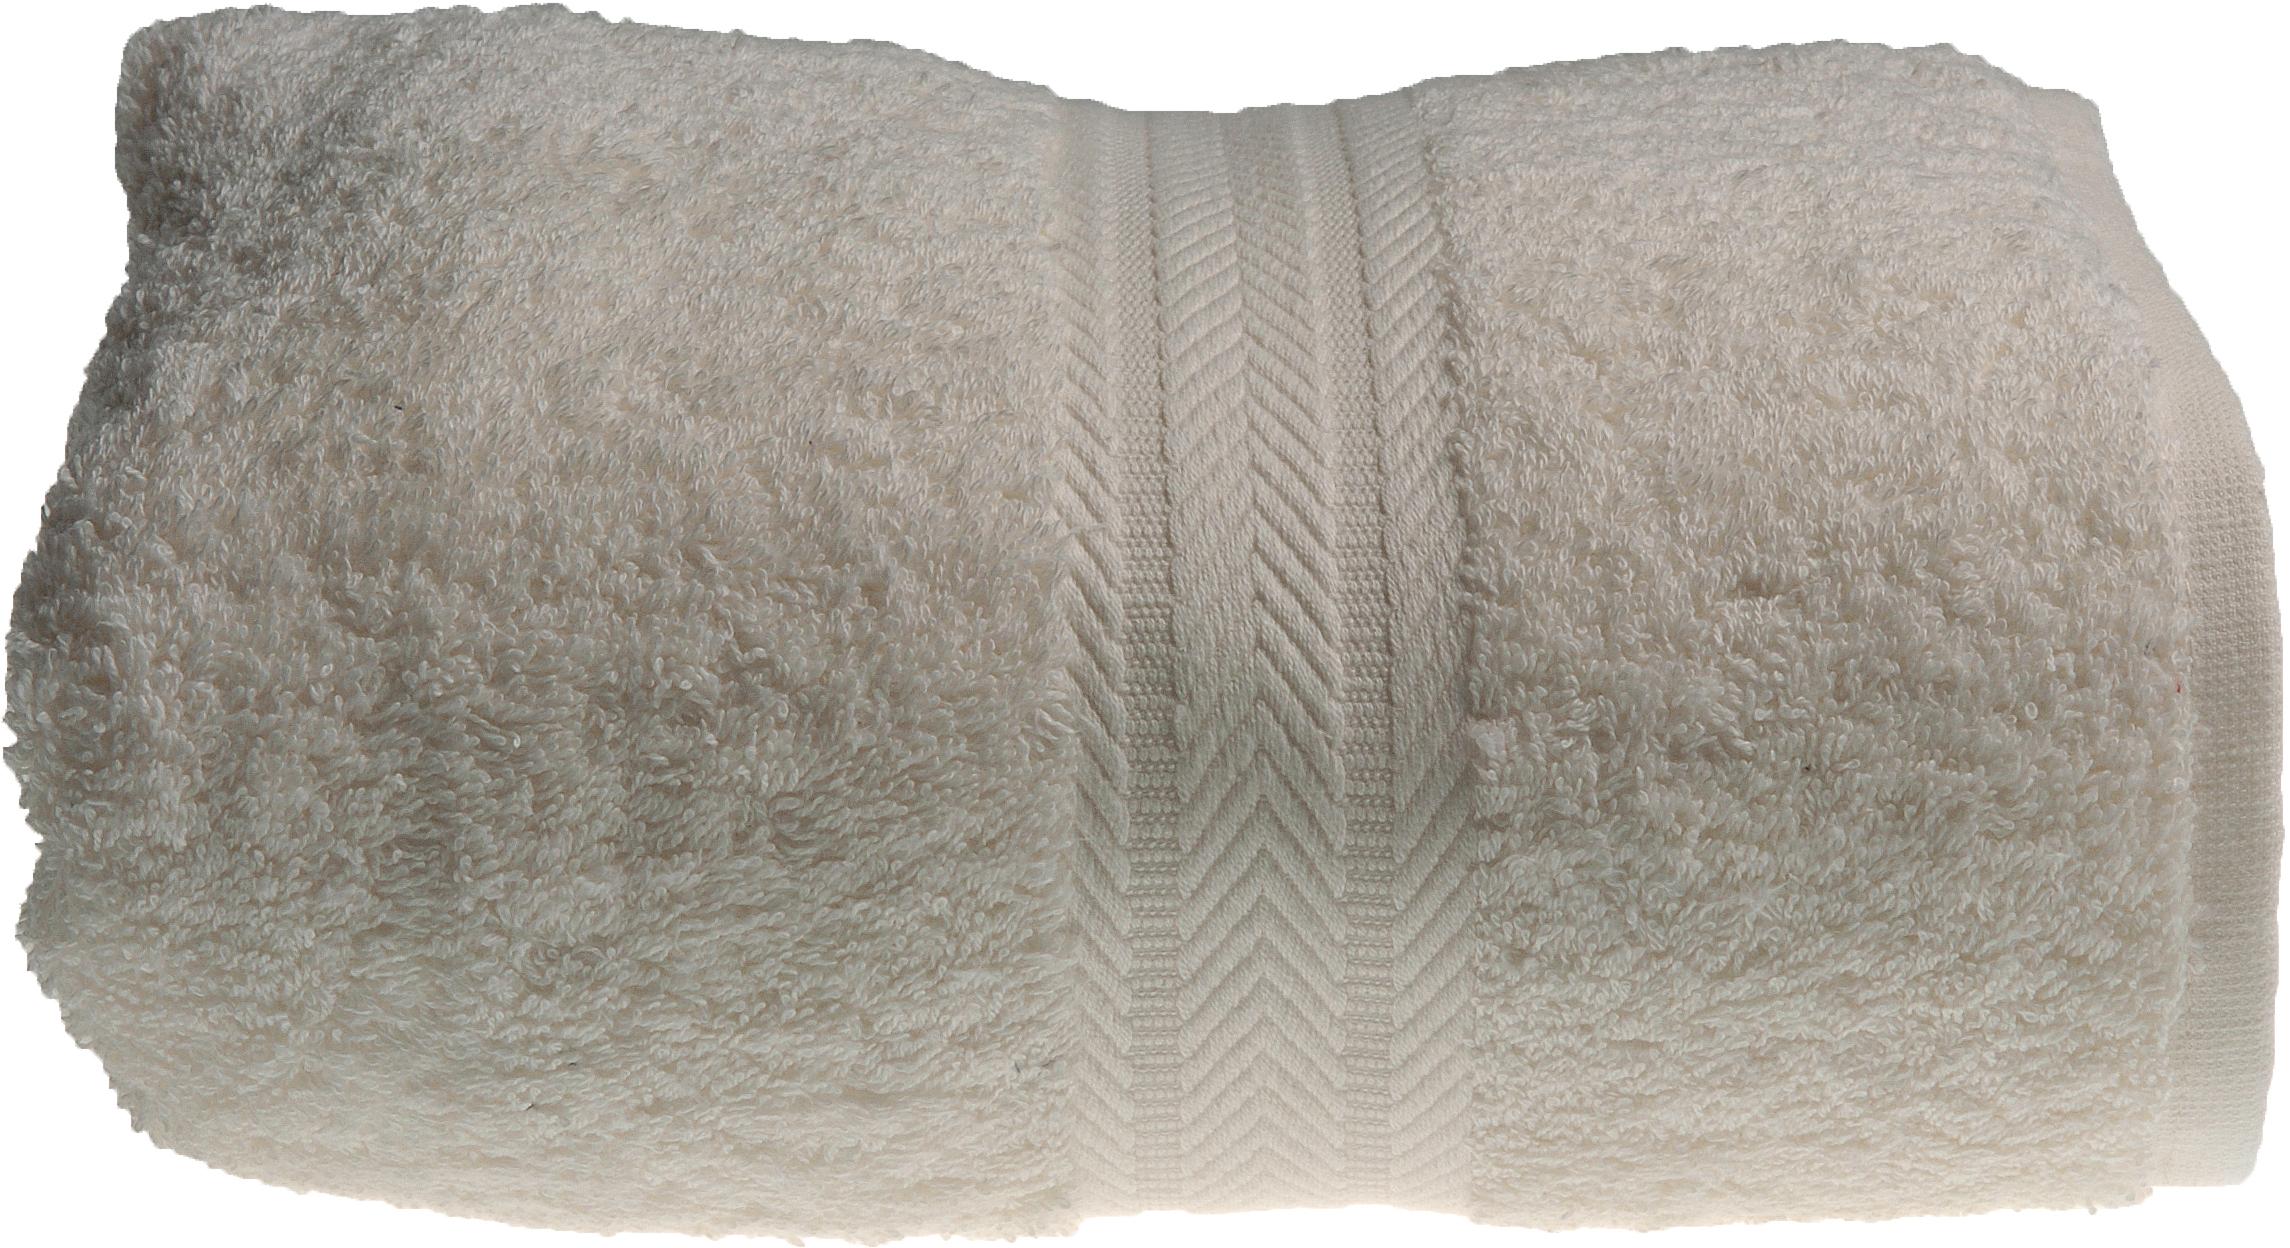 Drap de douche 70 x 140 cm en Coton couleur Ecru (Ecru)